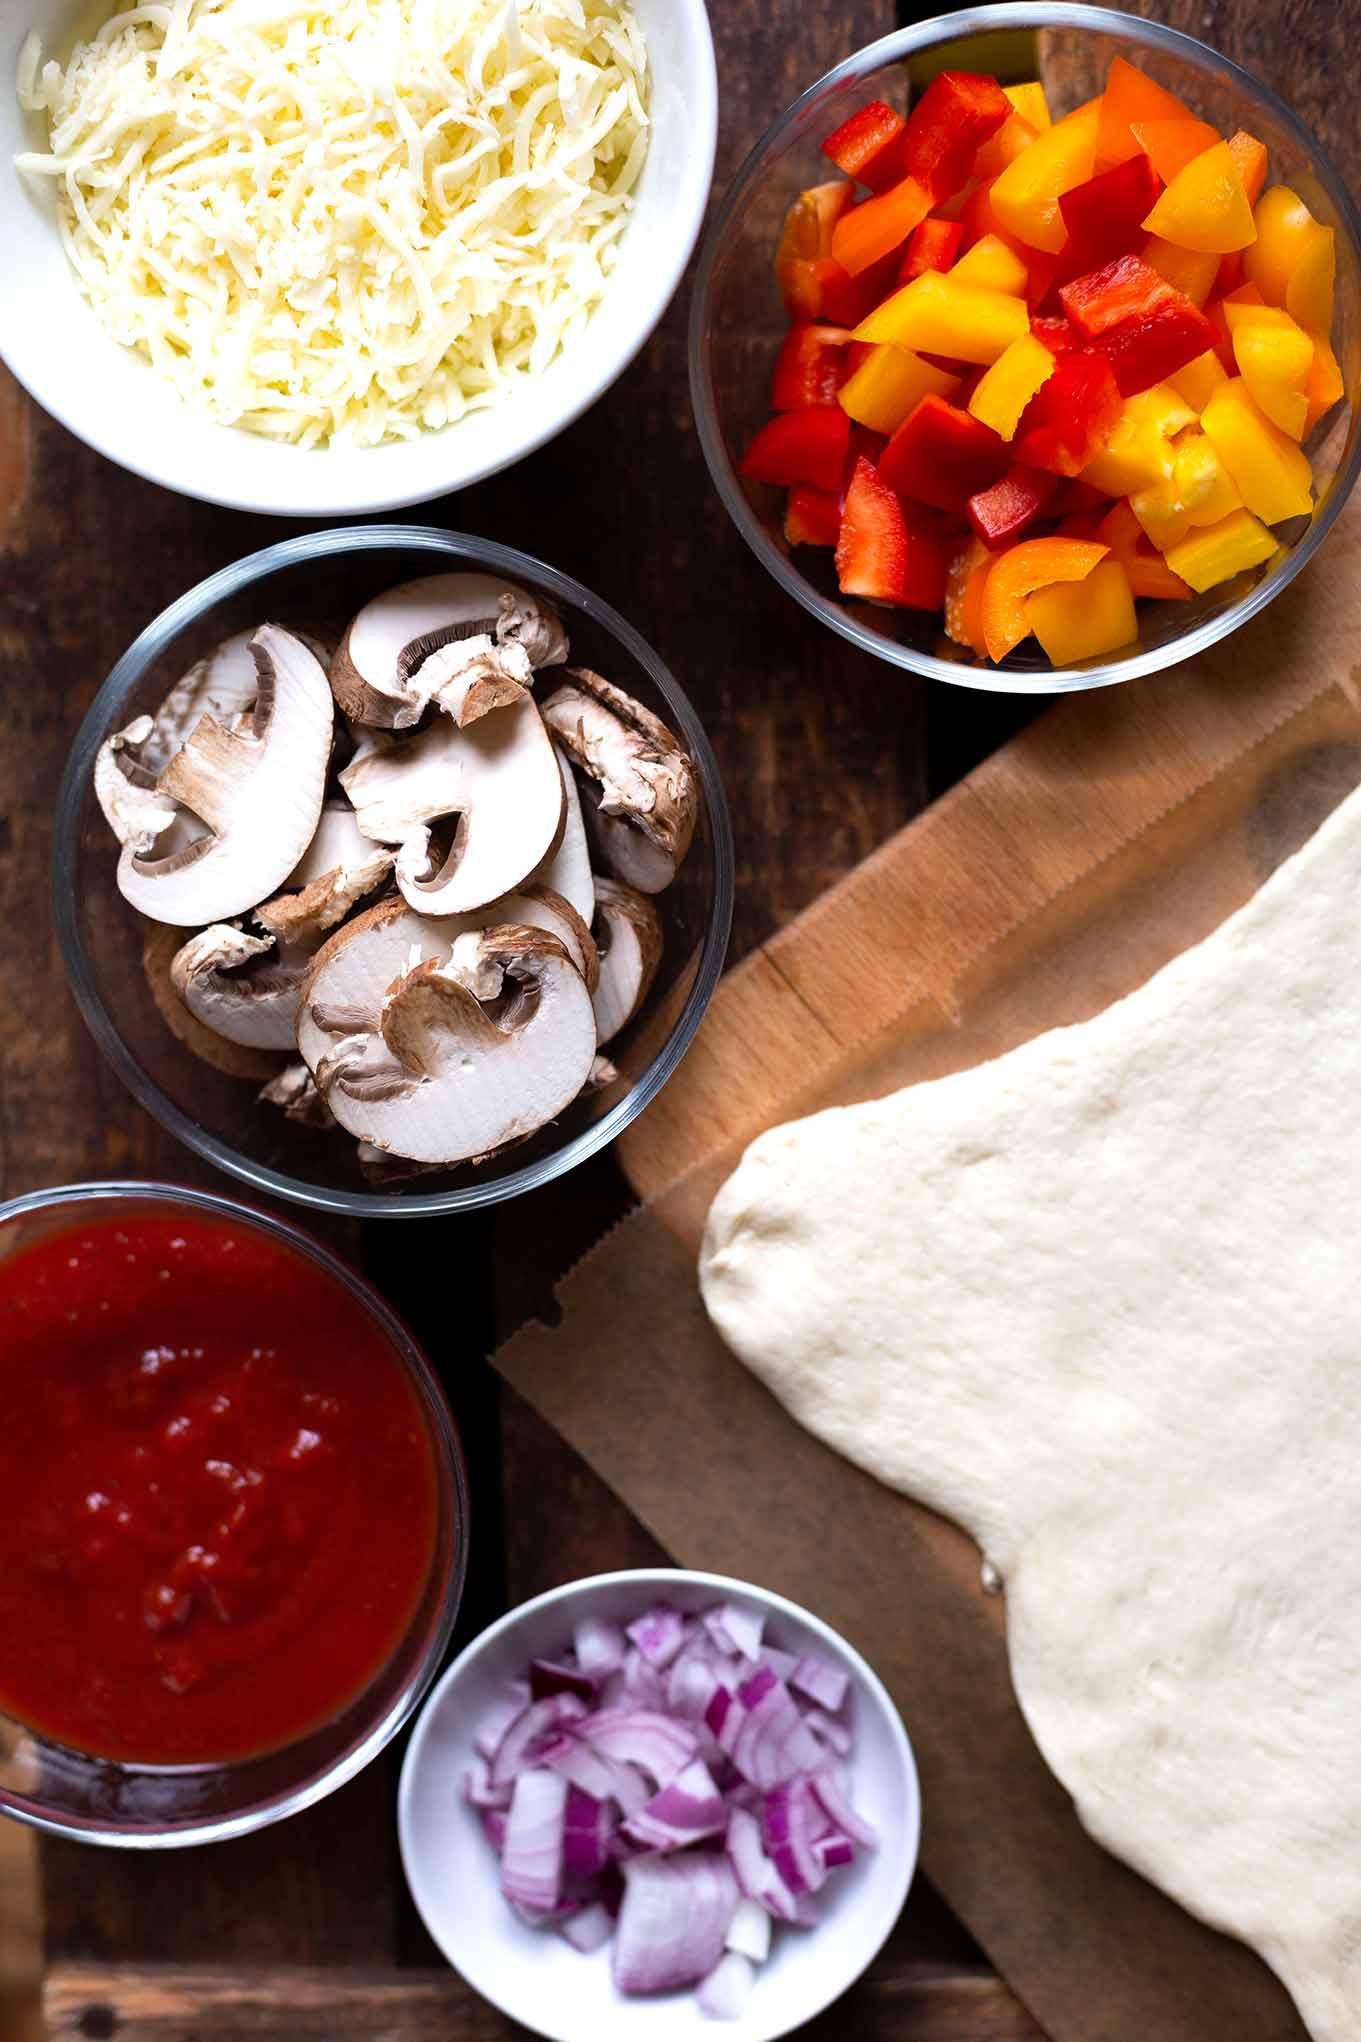 Diese einfache Rezept für schnelle Pizzataschen solltest du unbedingt probieren. Es ist Meal prep-geeignet, vollgepackt mit deinem Lieblings-Pizzabelag und SO lecker! Kochkarussell - Foodblog für schnelle und leckere Feierabendküche #kochkarussell #mealprep #feierabendküche #soulfood #pizzataschen